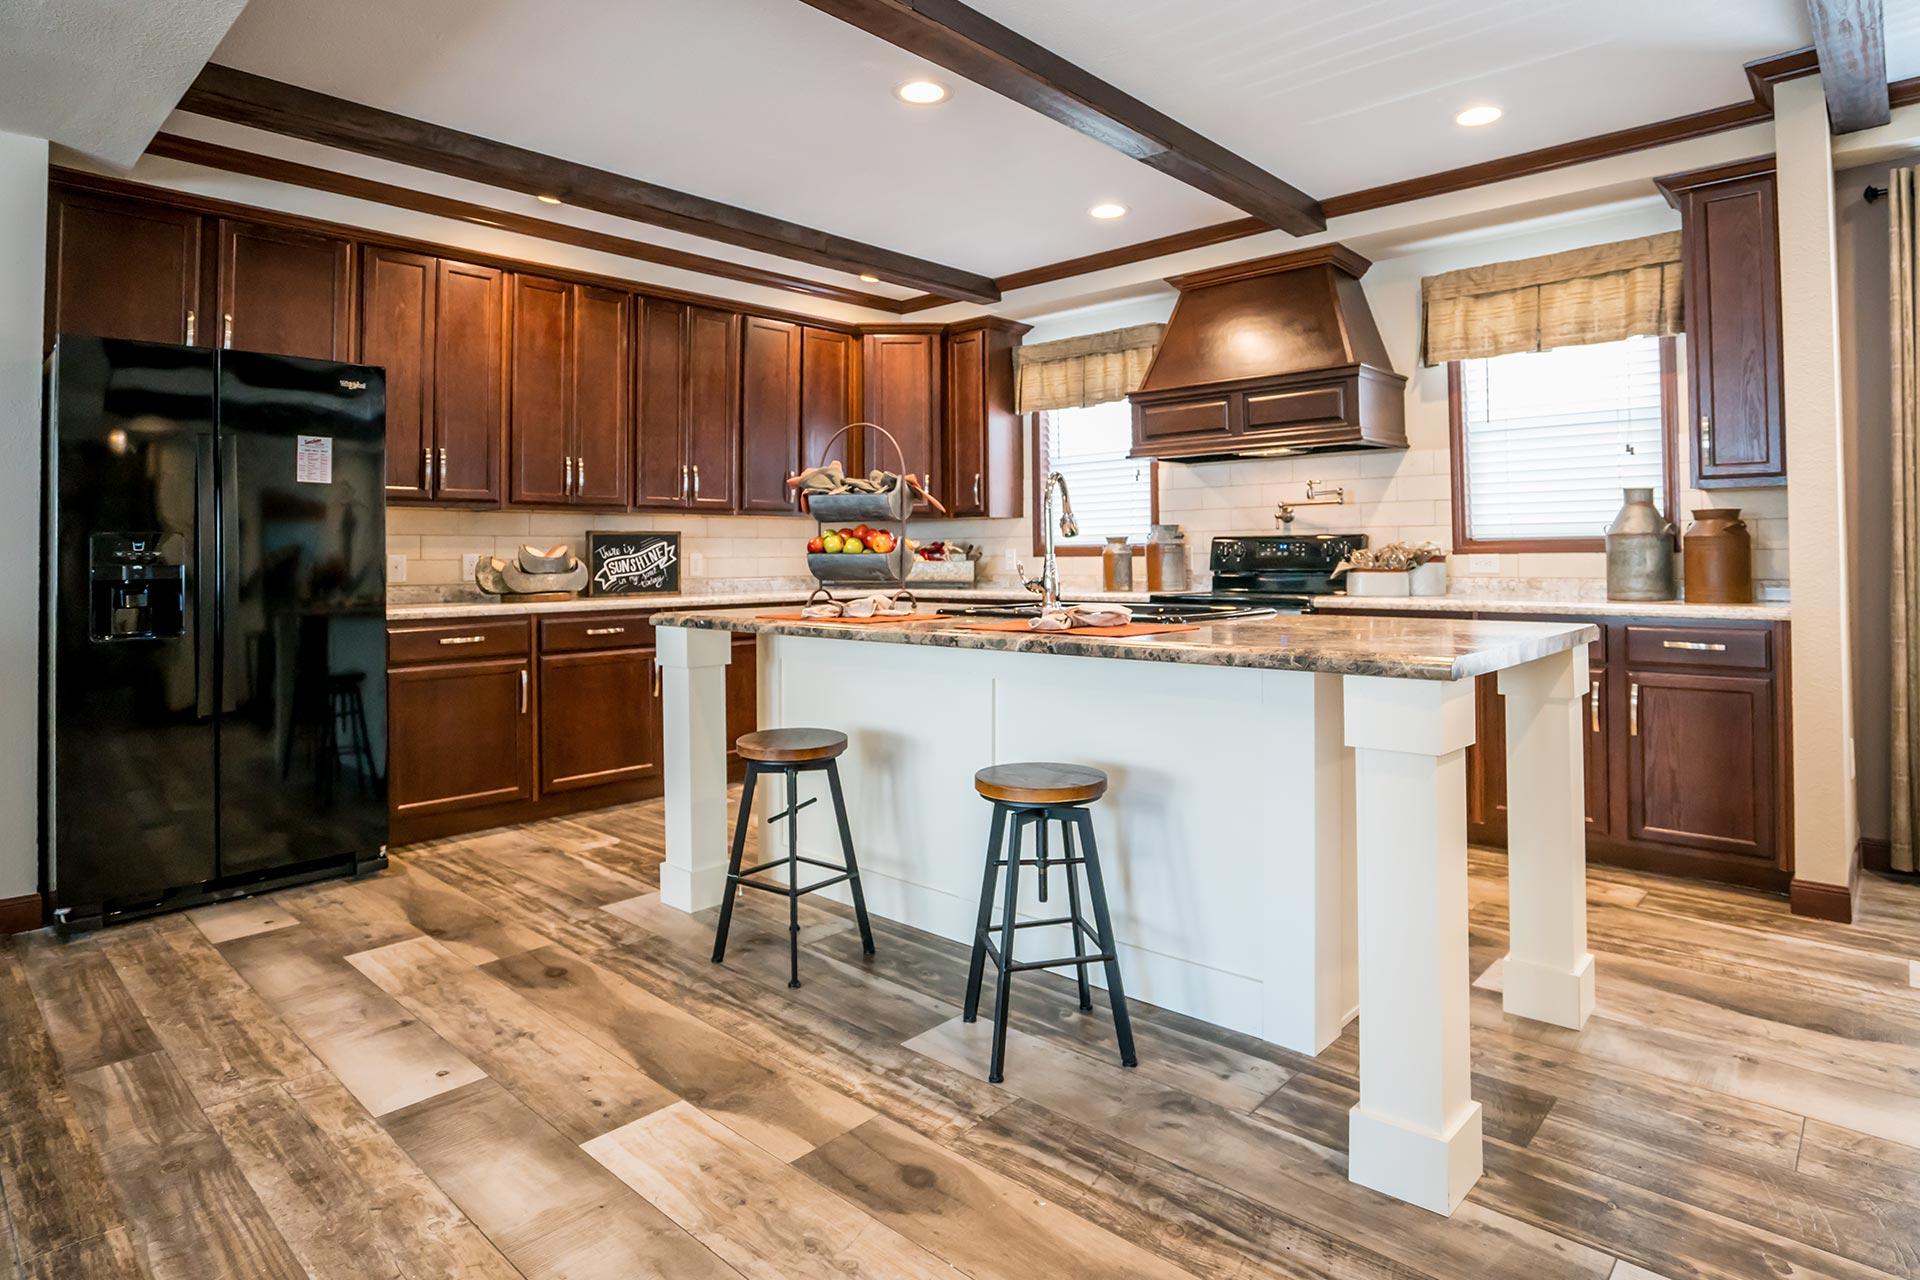 Home Discover Modular Homes